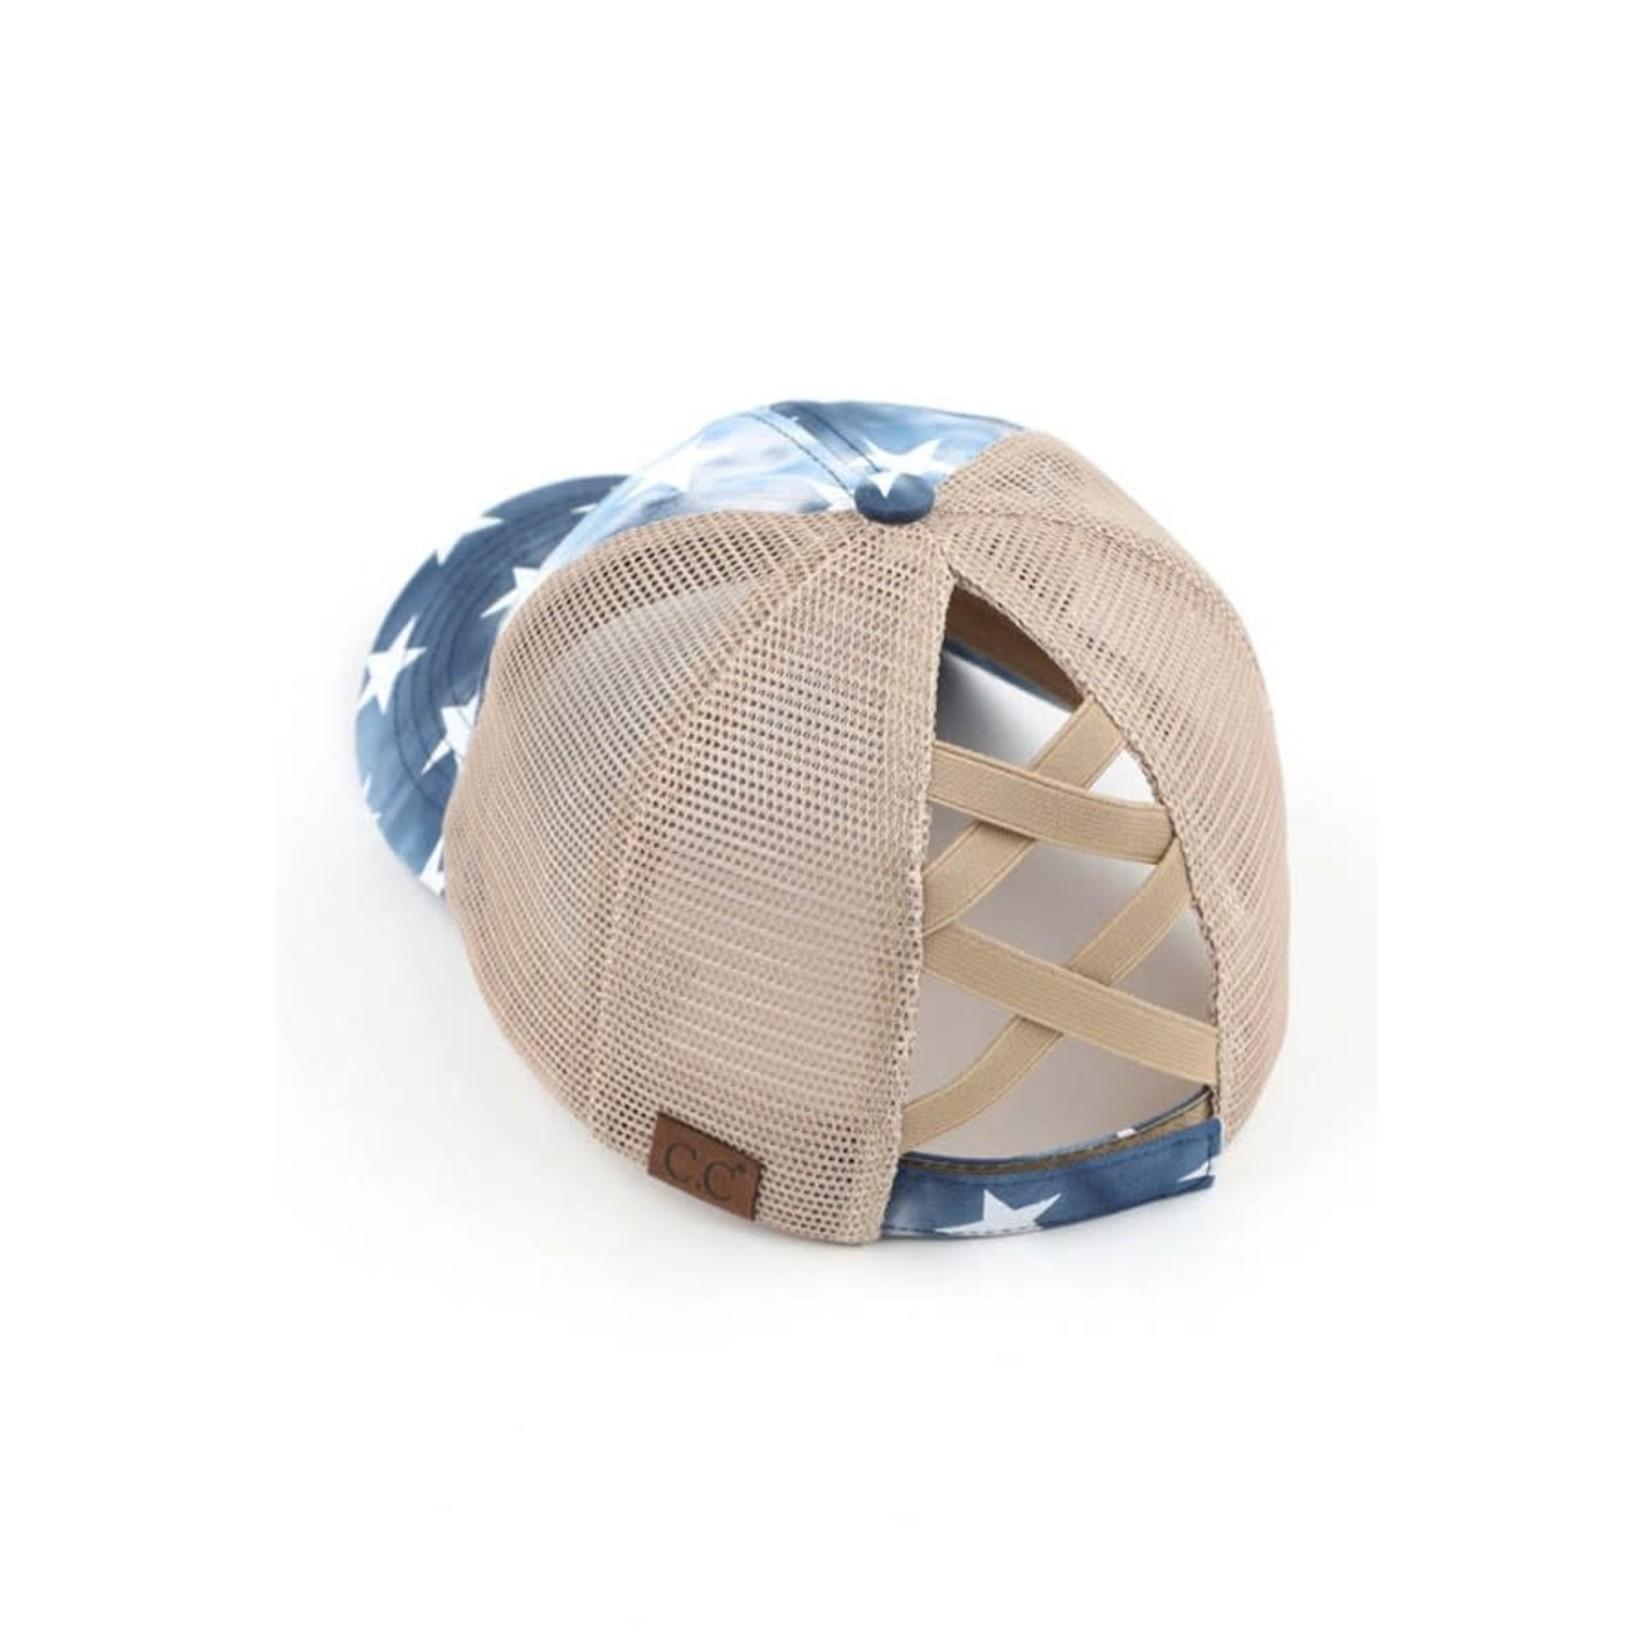 Hanna Hoisery Accessories: Navy U.S.A. Star Ponytail Trucker Hat